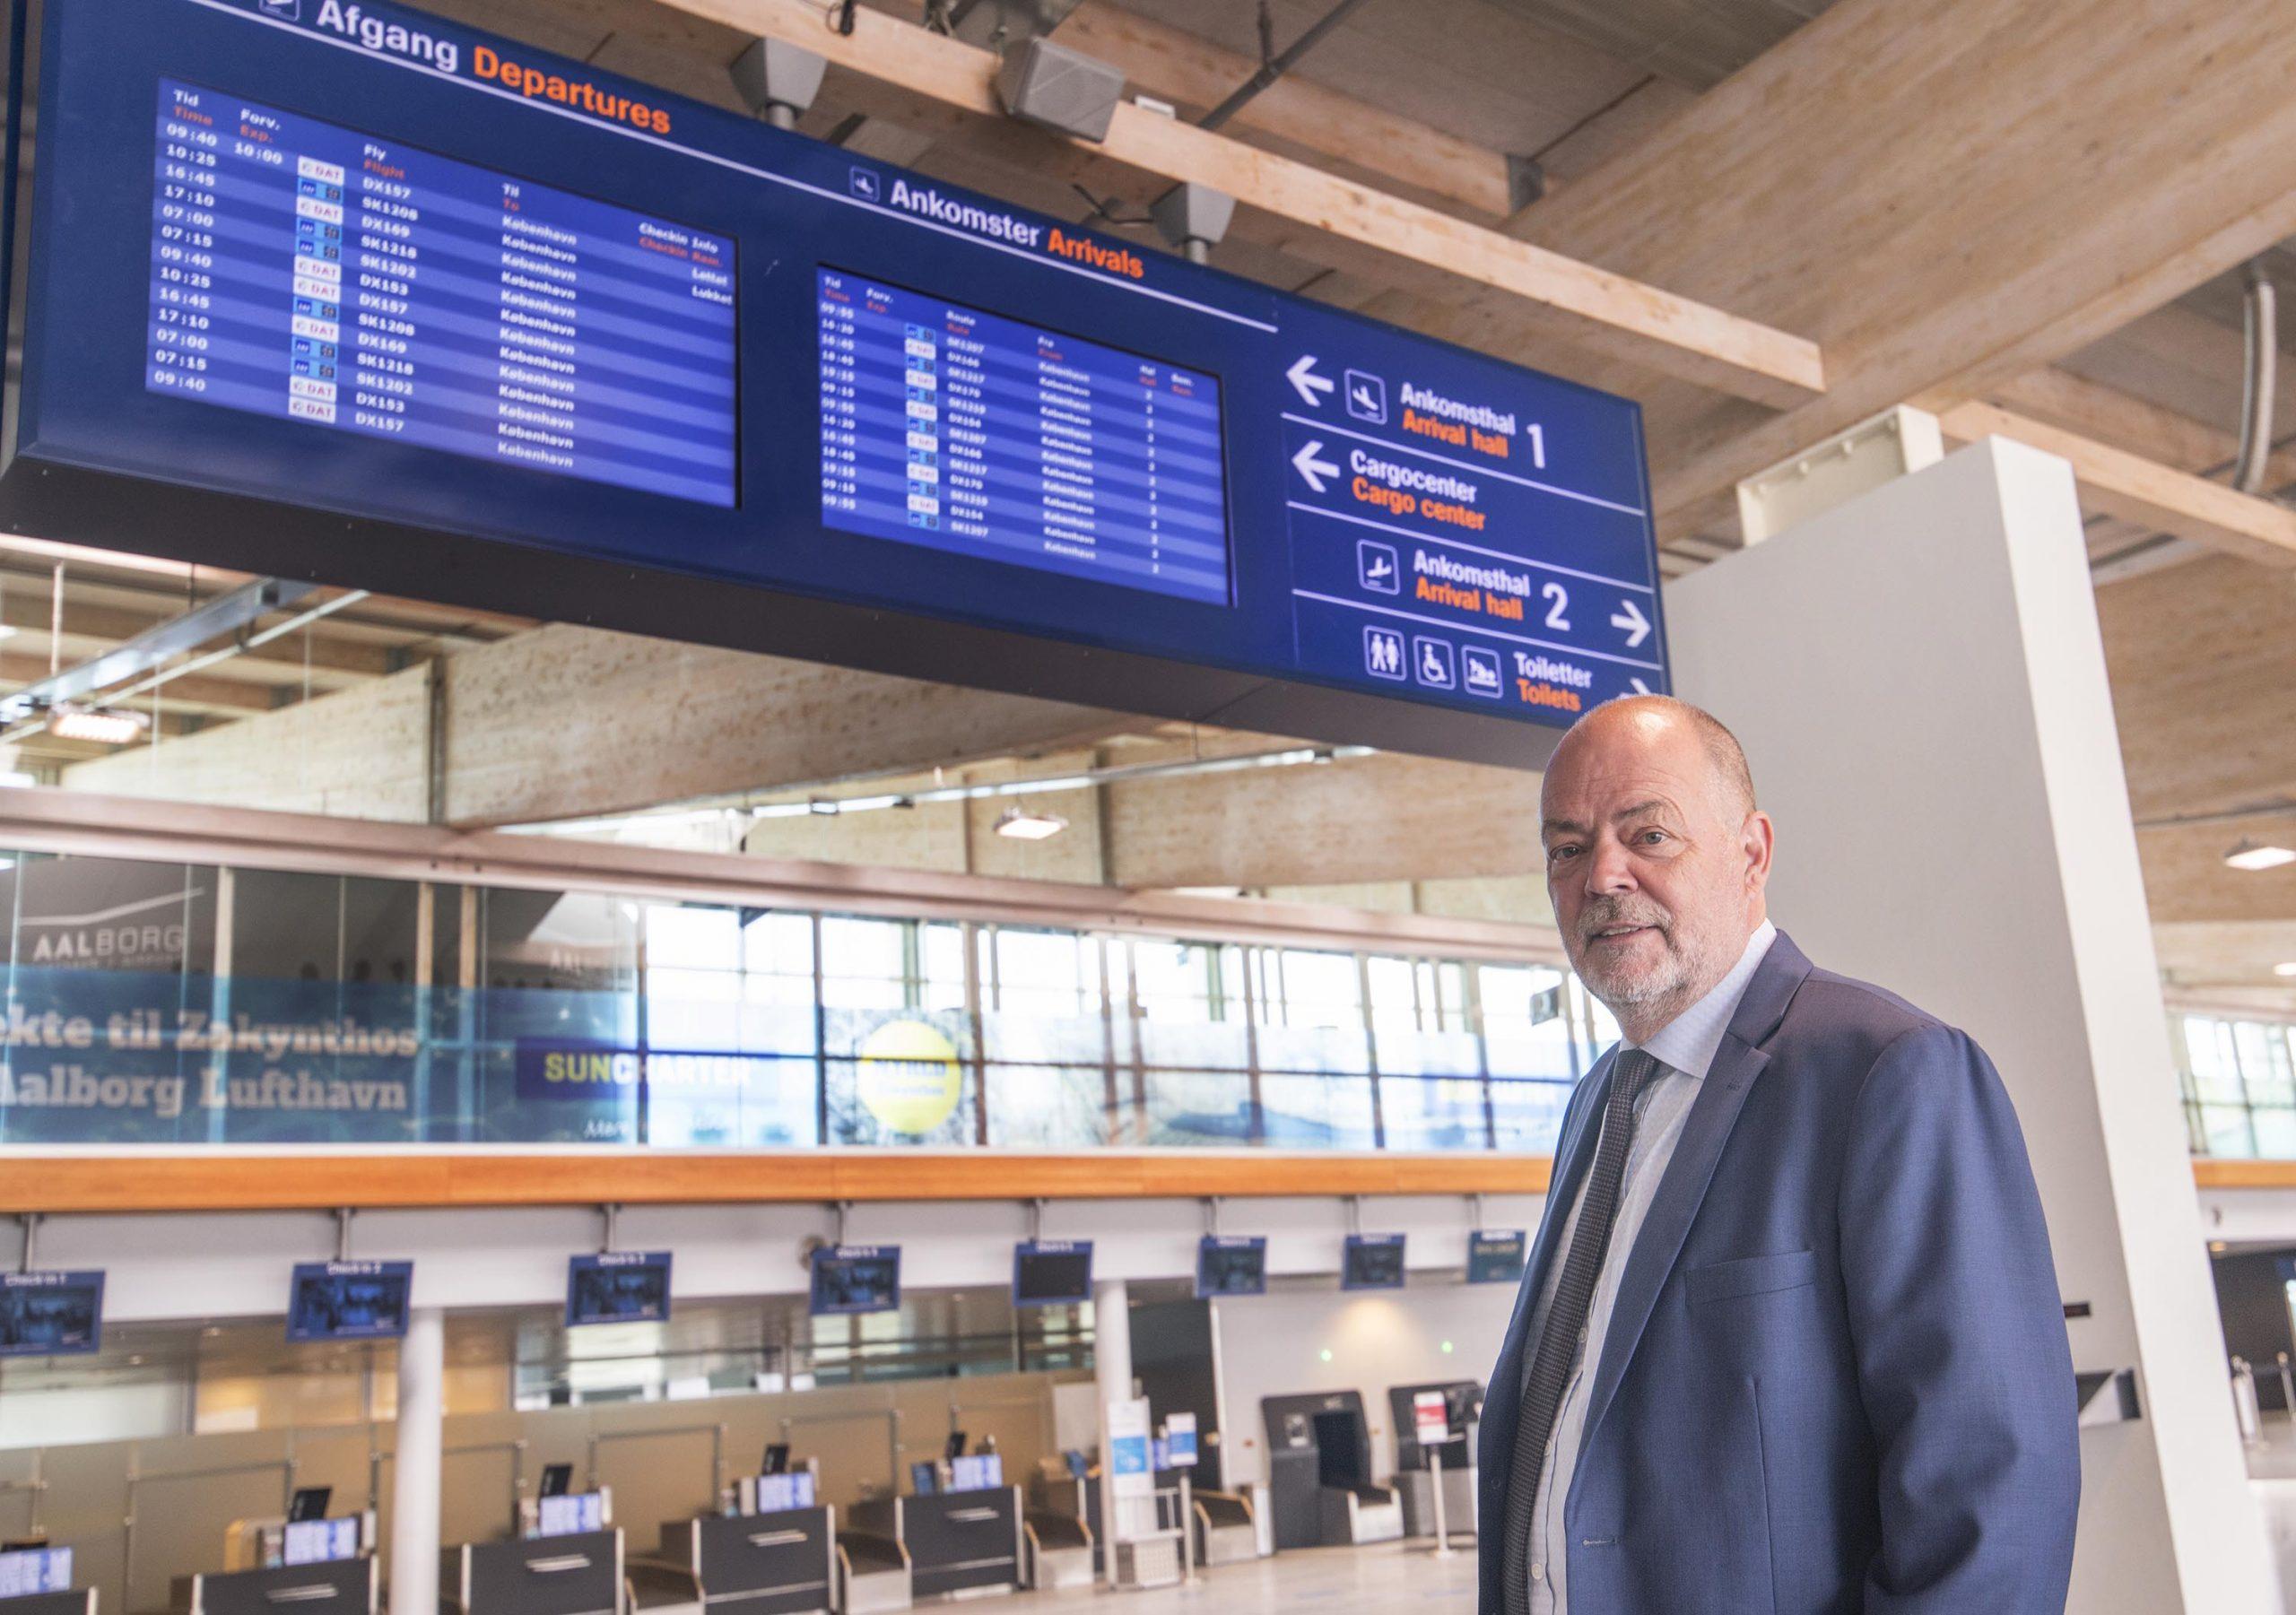 """Adm, direktør Søren Svendsen i Aalborg Lufthavn kan midt i en """"coronatid"""" glæde sig over ,at DAT nu sammen med SAS optager det meste af afgang- og ankomst skærmene. (Foto: Joakim J. Hvistendahl)"""